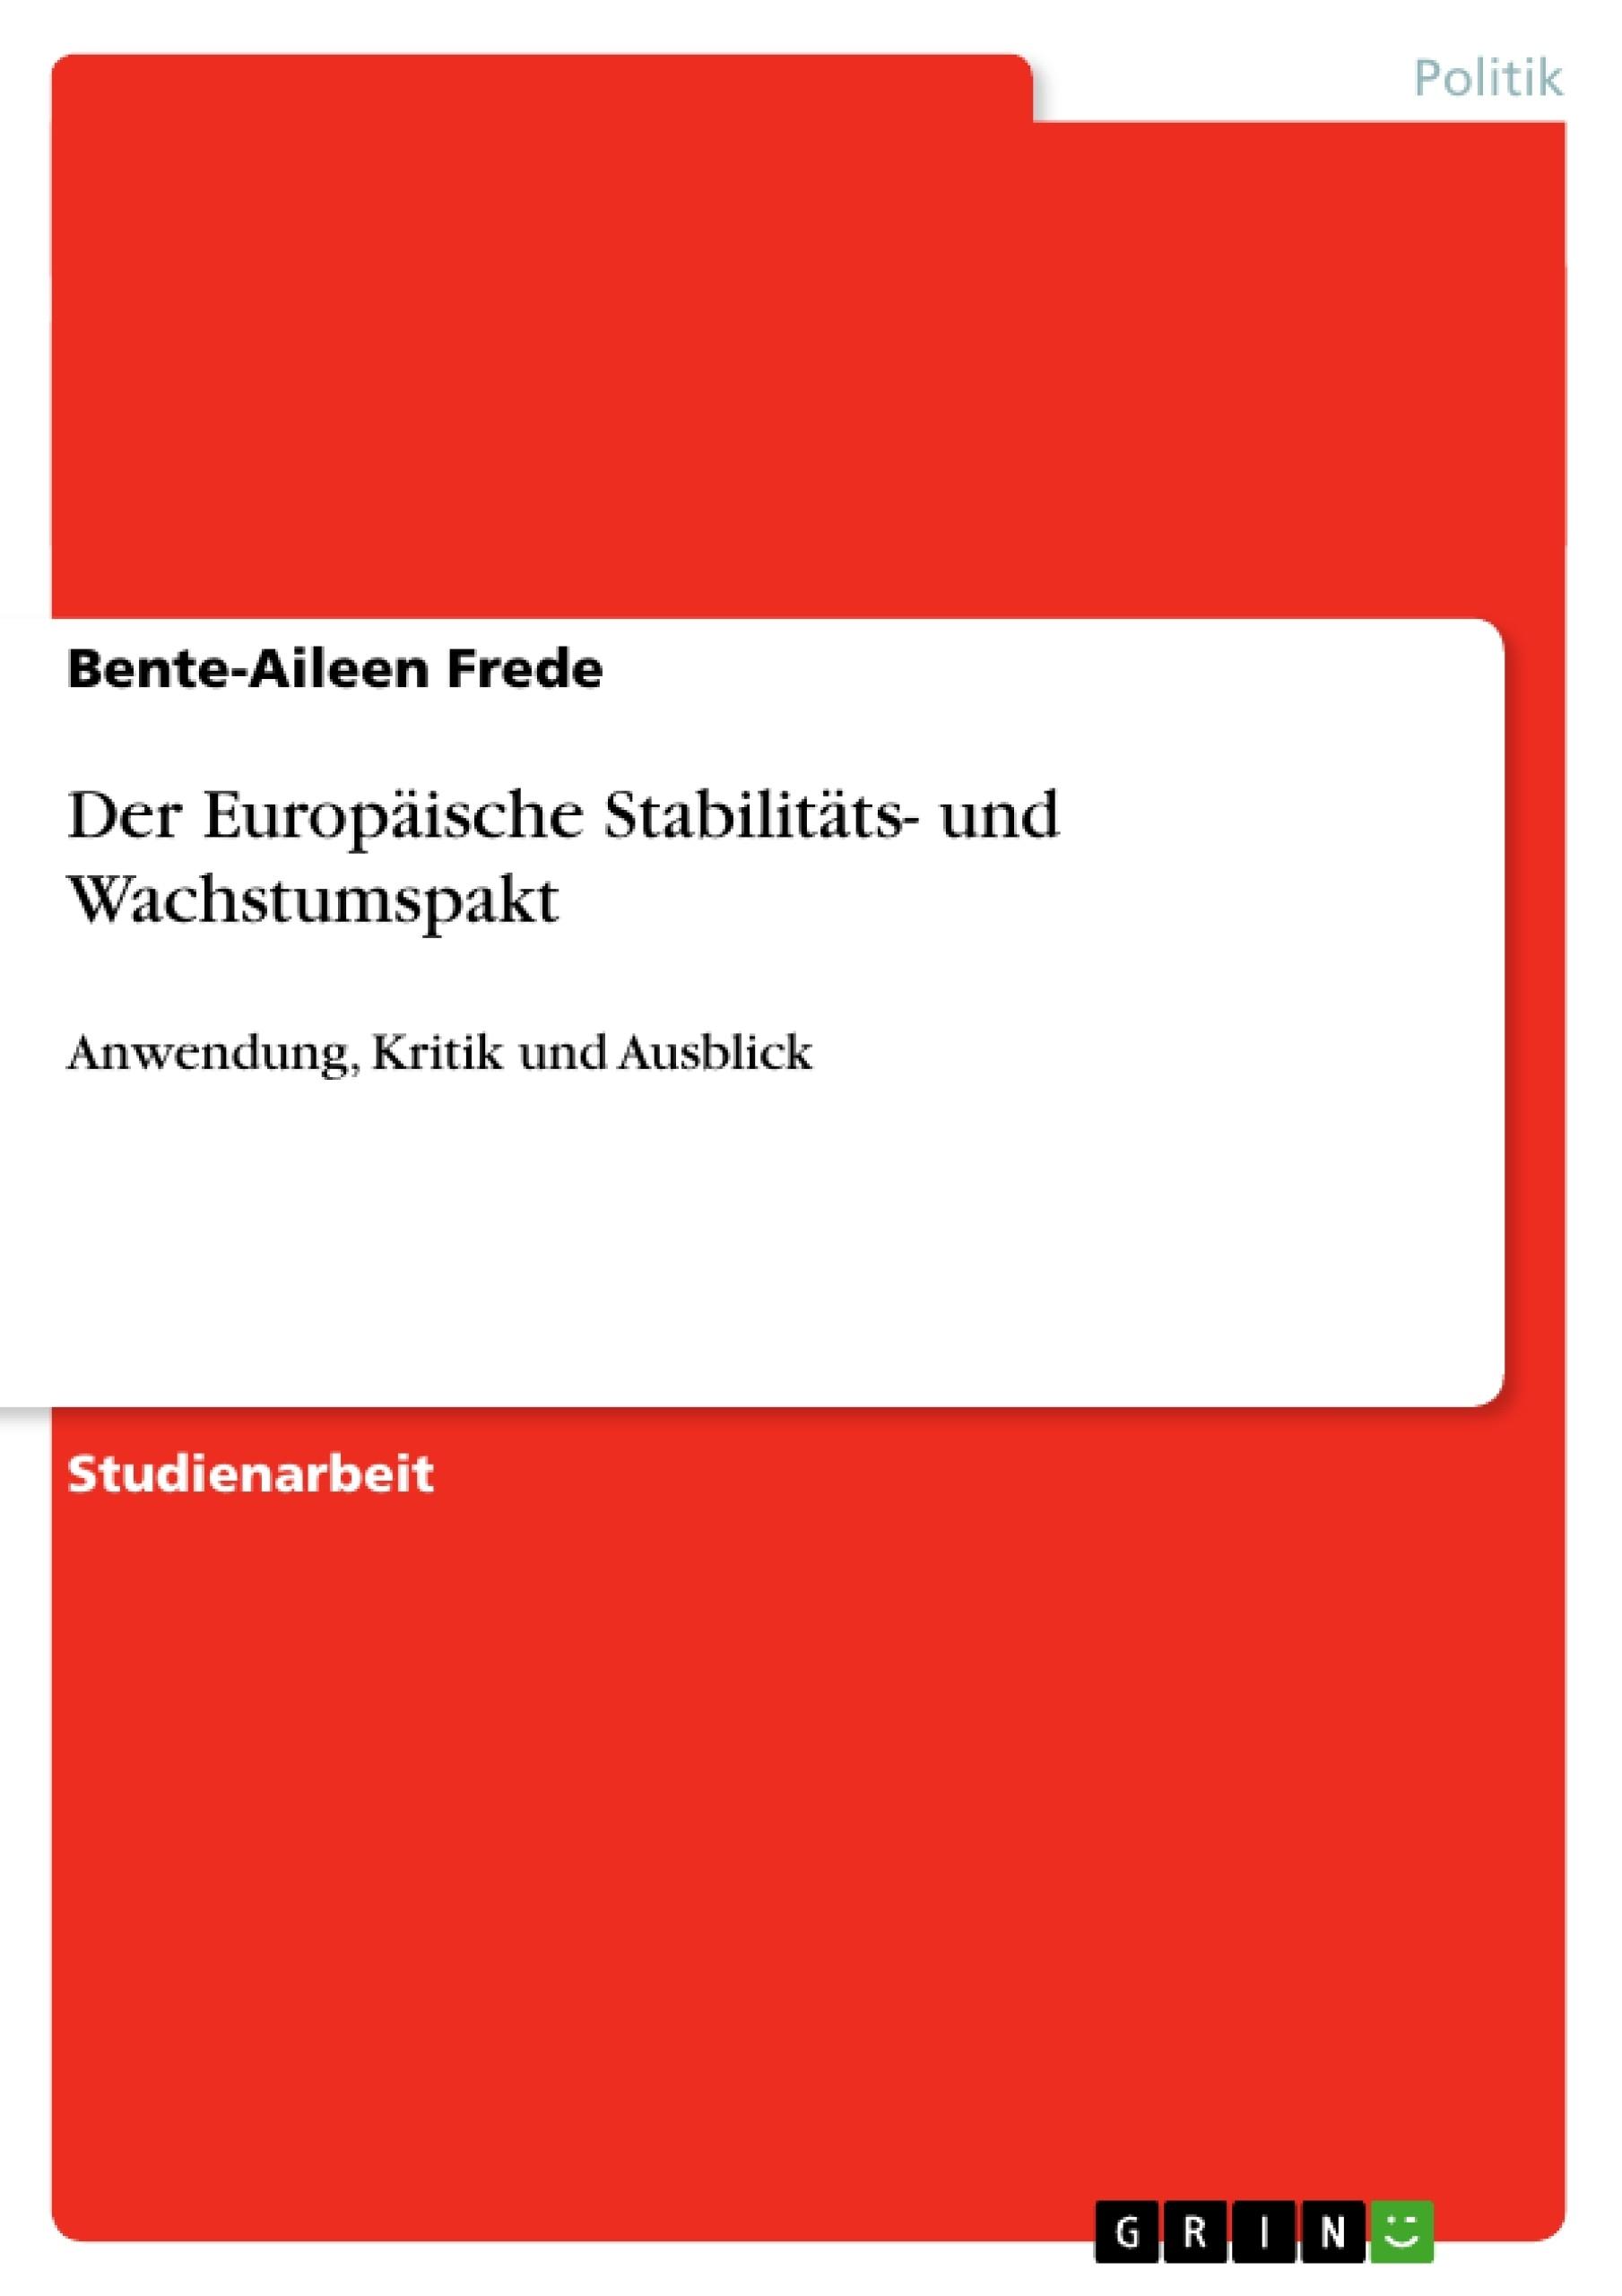 Titel: Der Europäische Stabilitäts- und Wachstumspakt